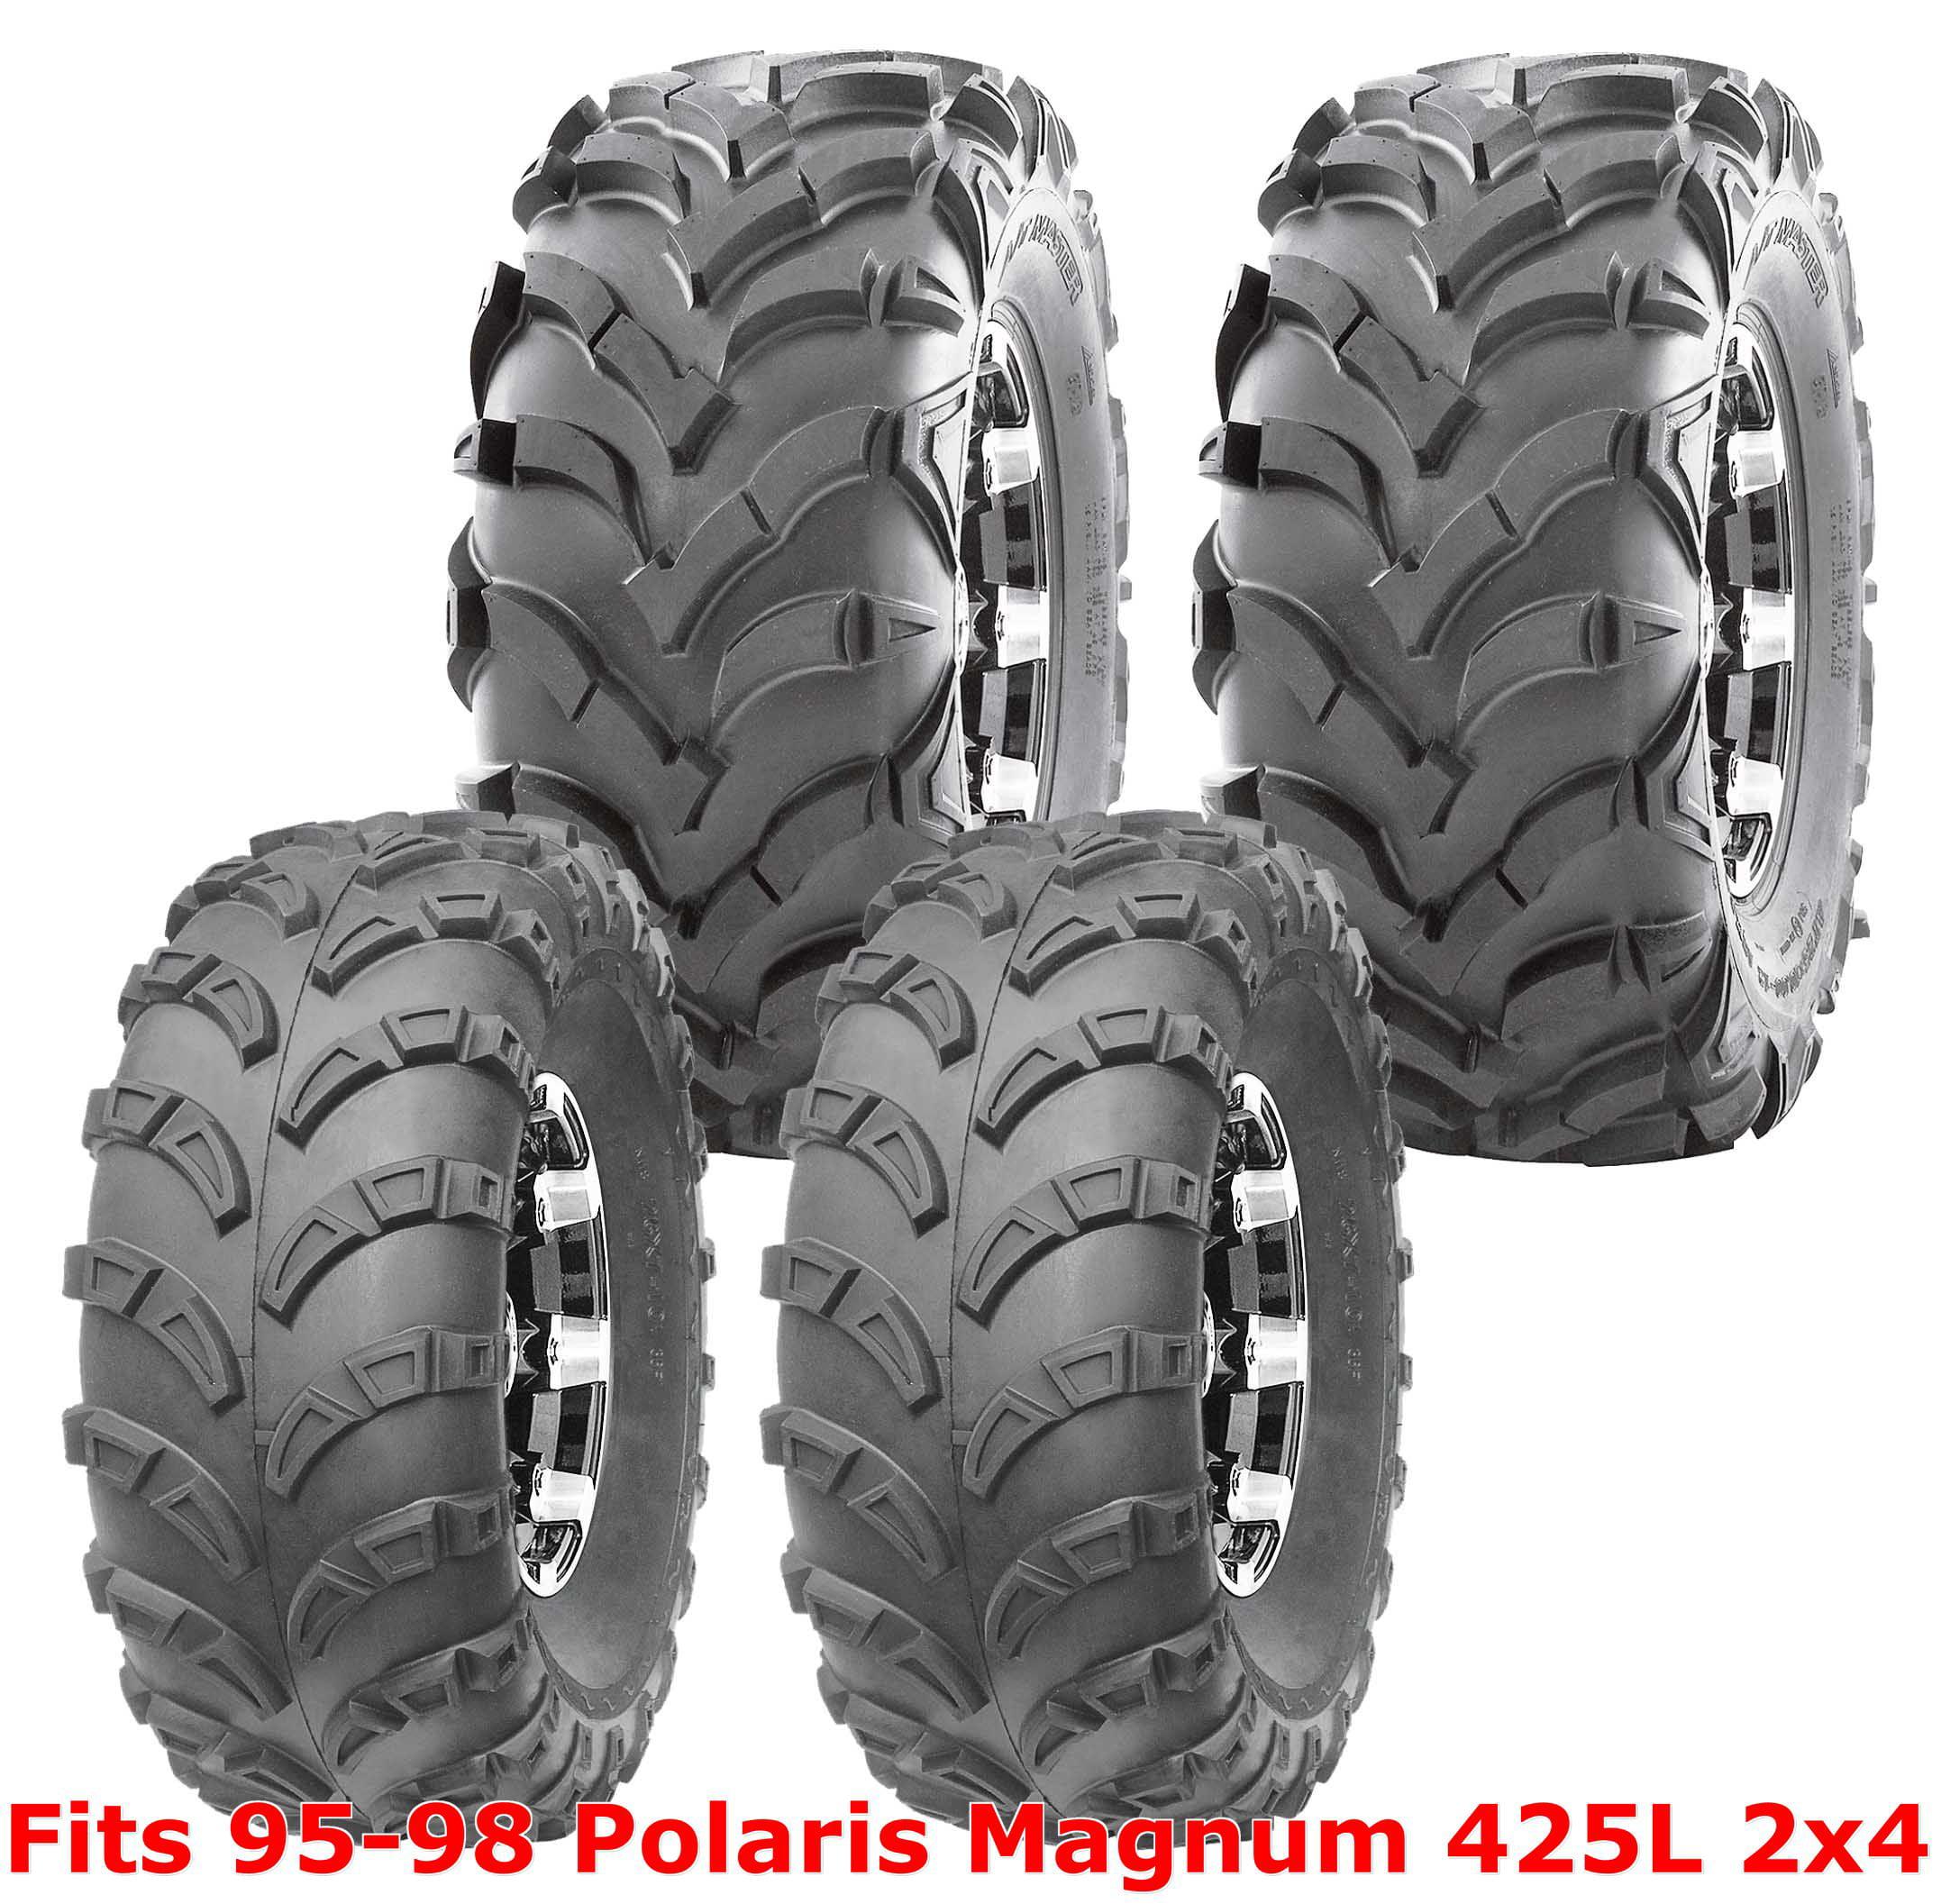 95-98 Polaris Magnum 425L 2x4 Full Set WANDA ATV tires 23x7-10 /& 24x11-10 6PR